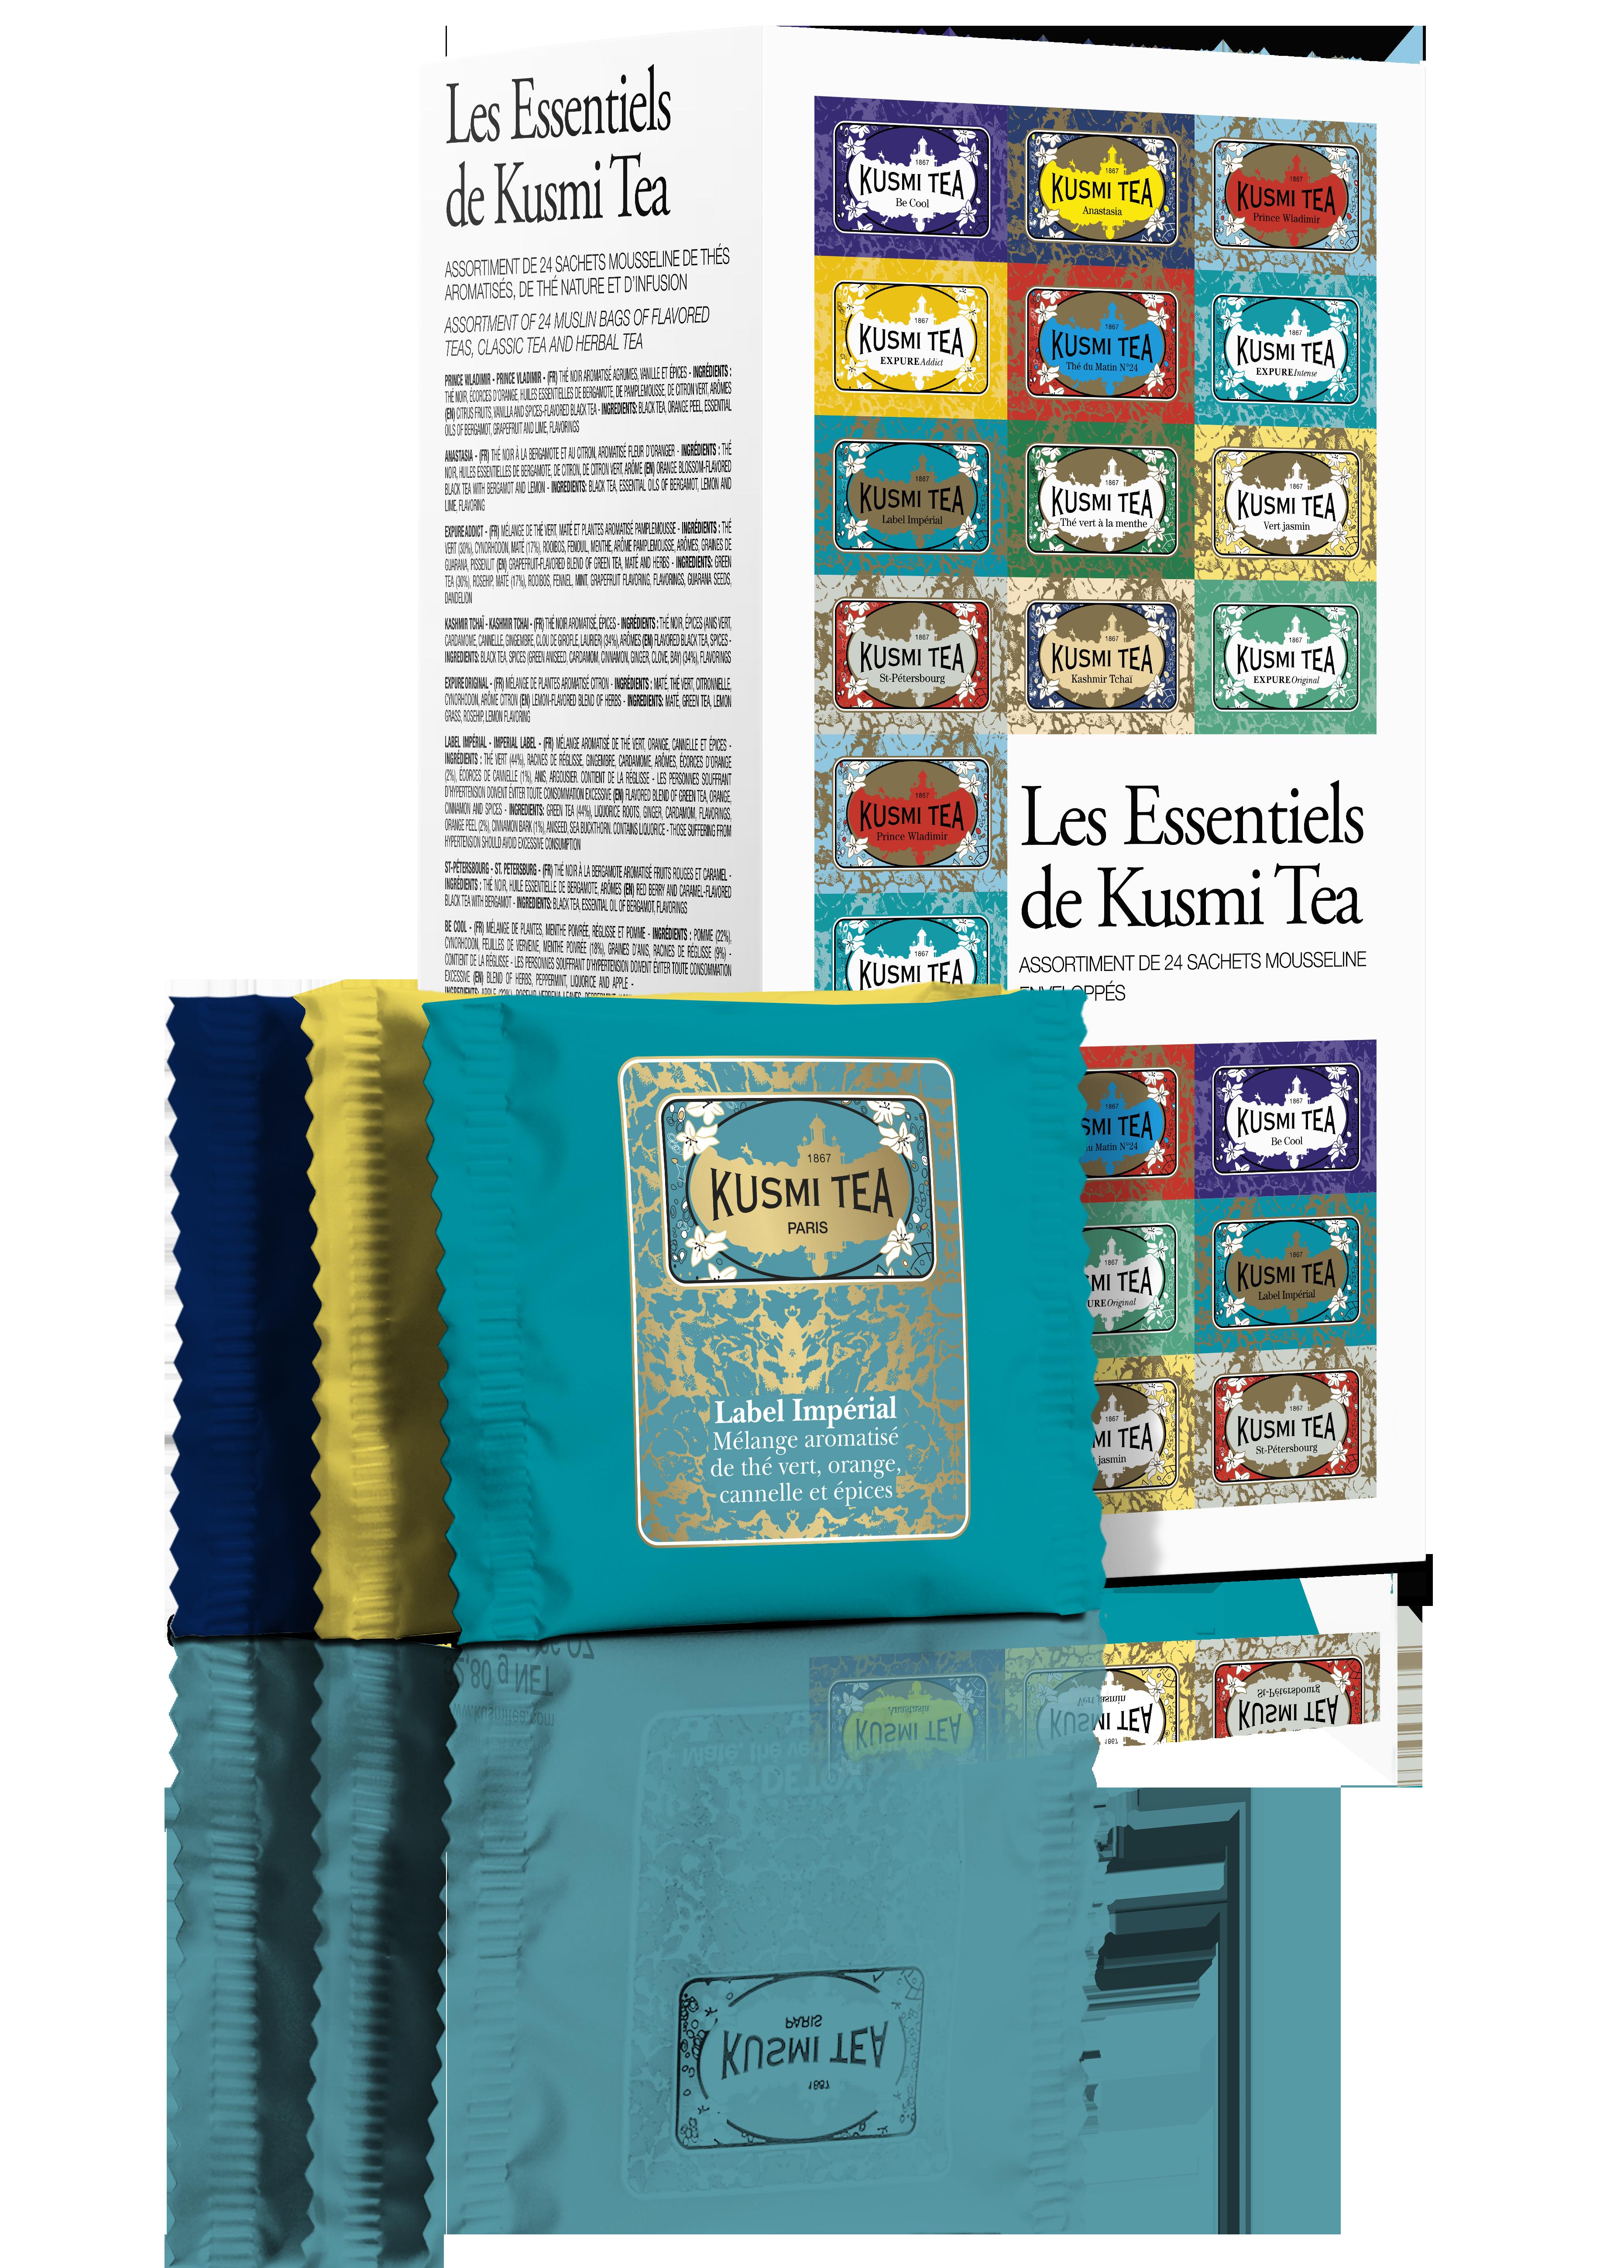 Coffret les Essentiels de 24 sachets de thé